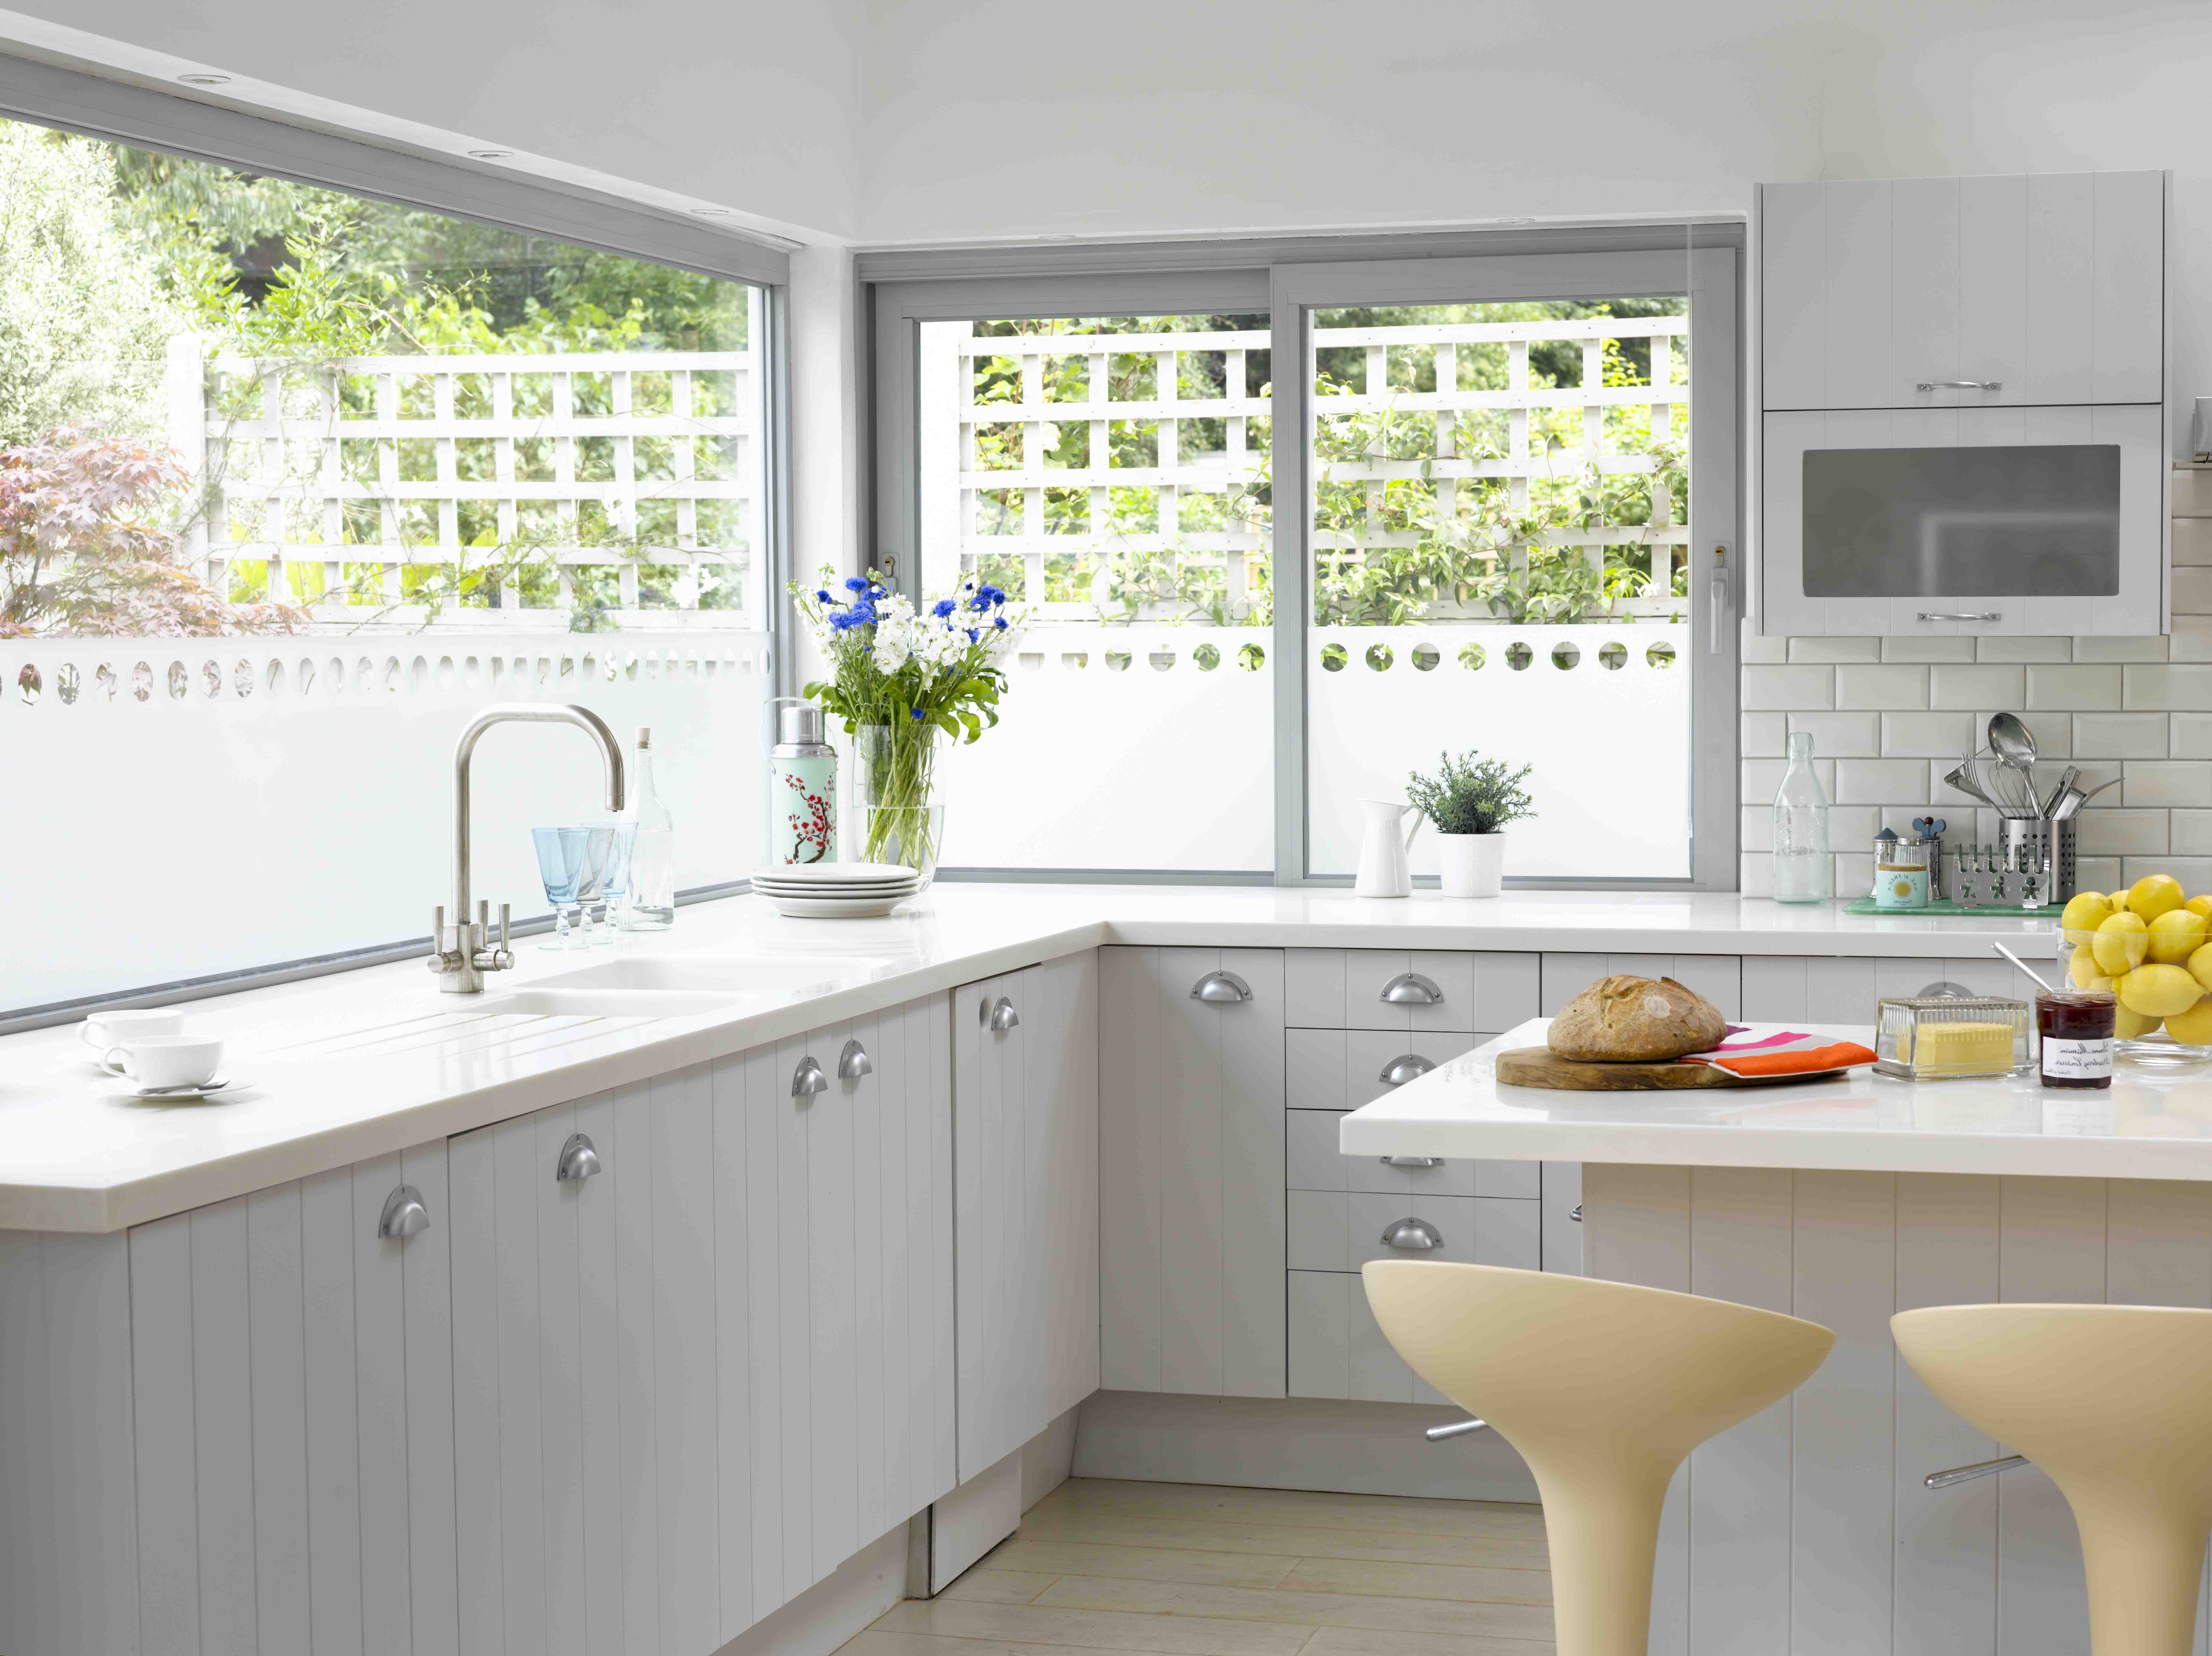 Marvelous Brown Wooden Trim Kitchen Window Ideas Added ...